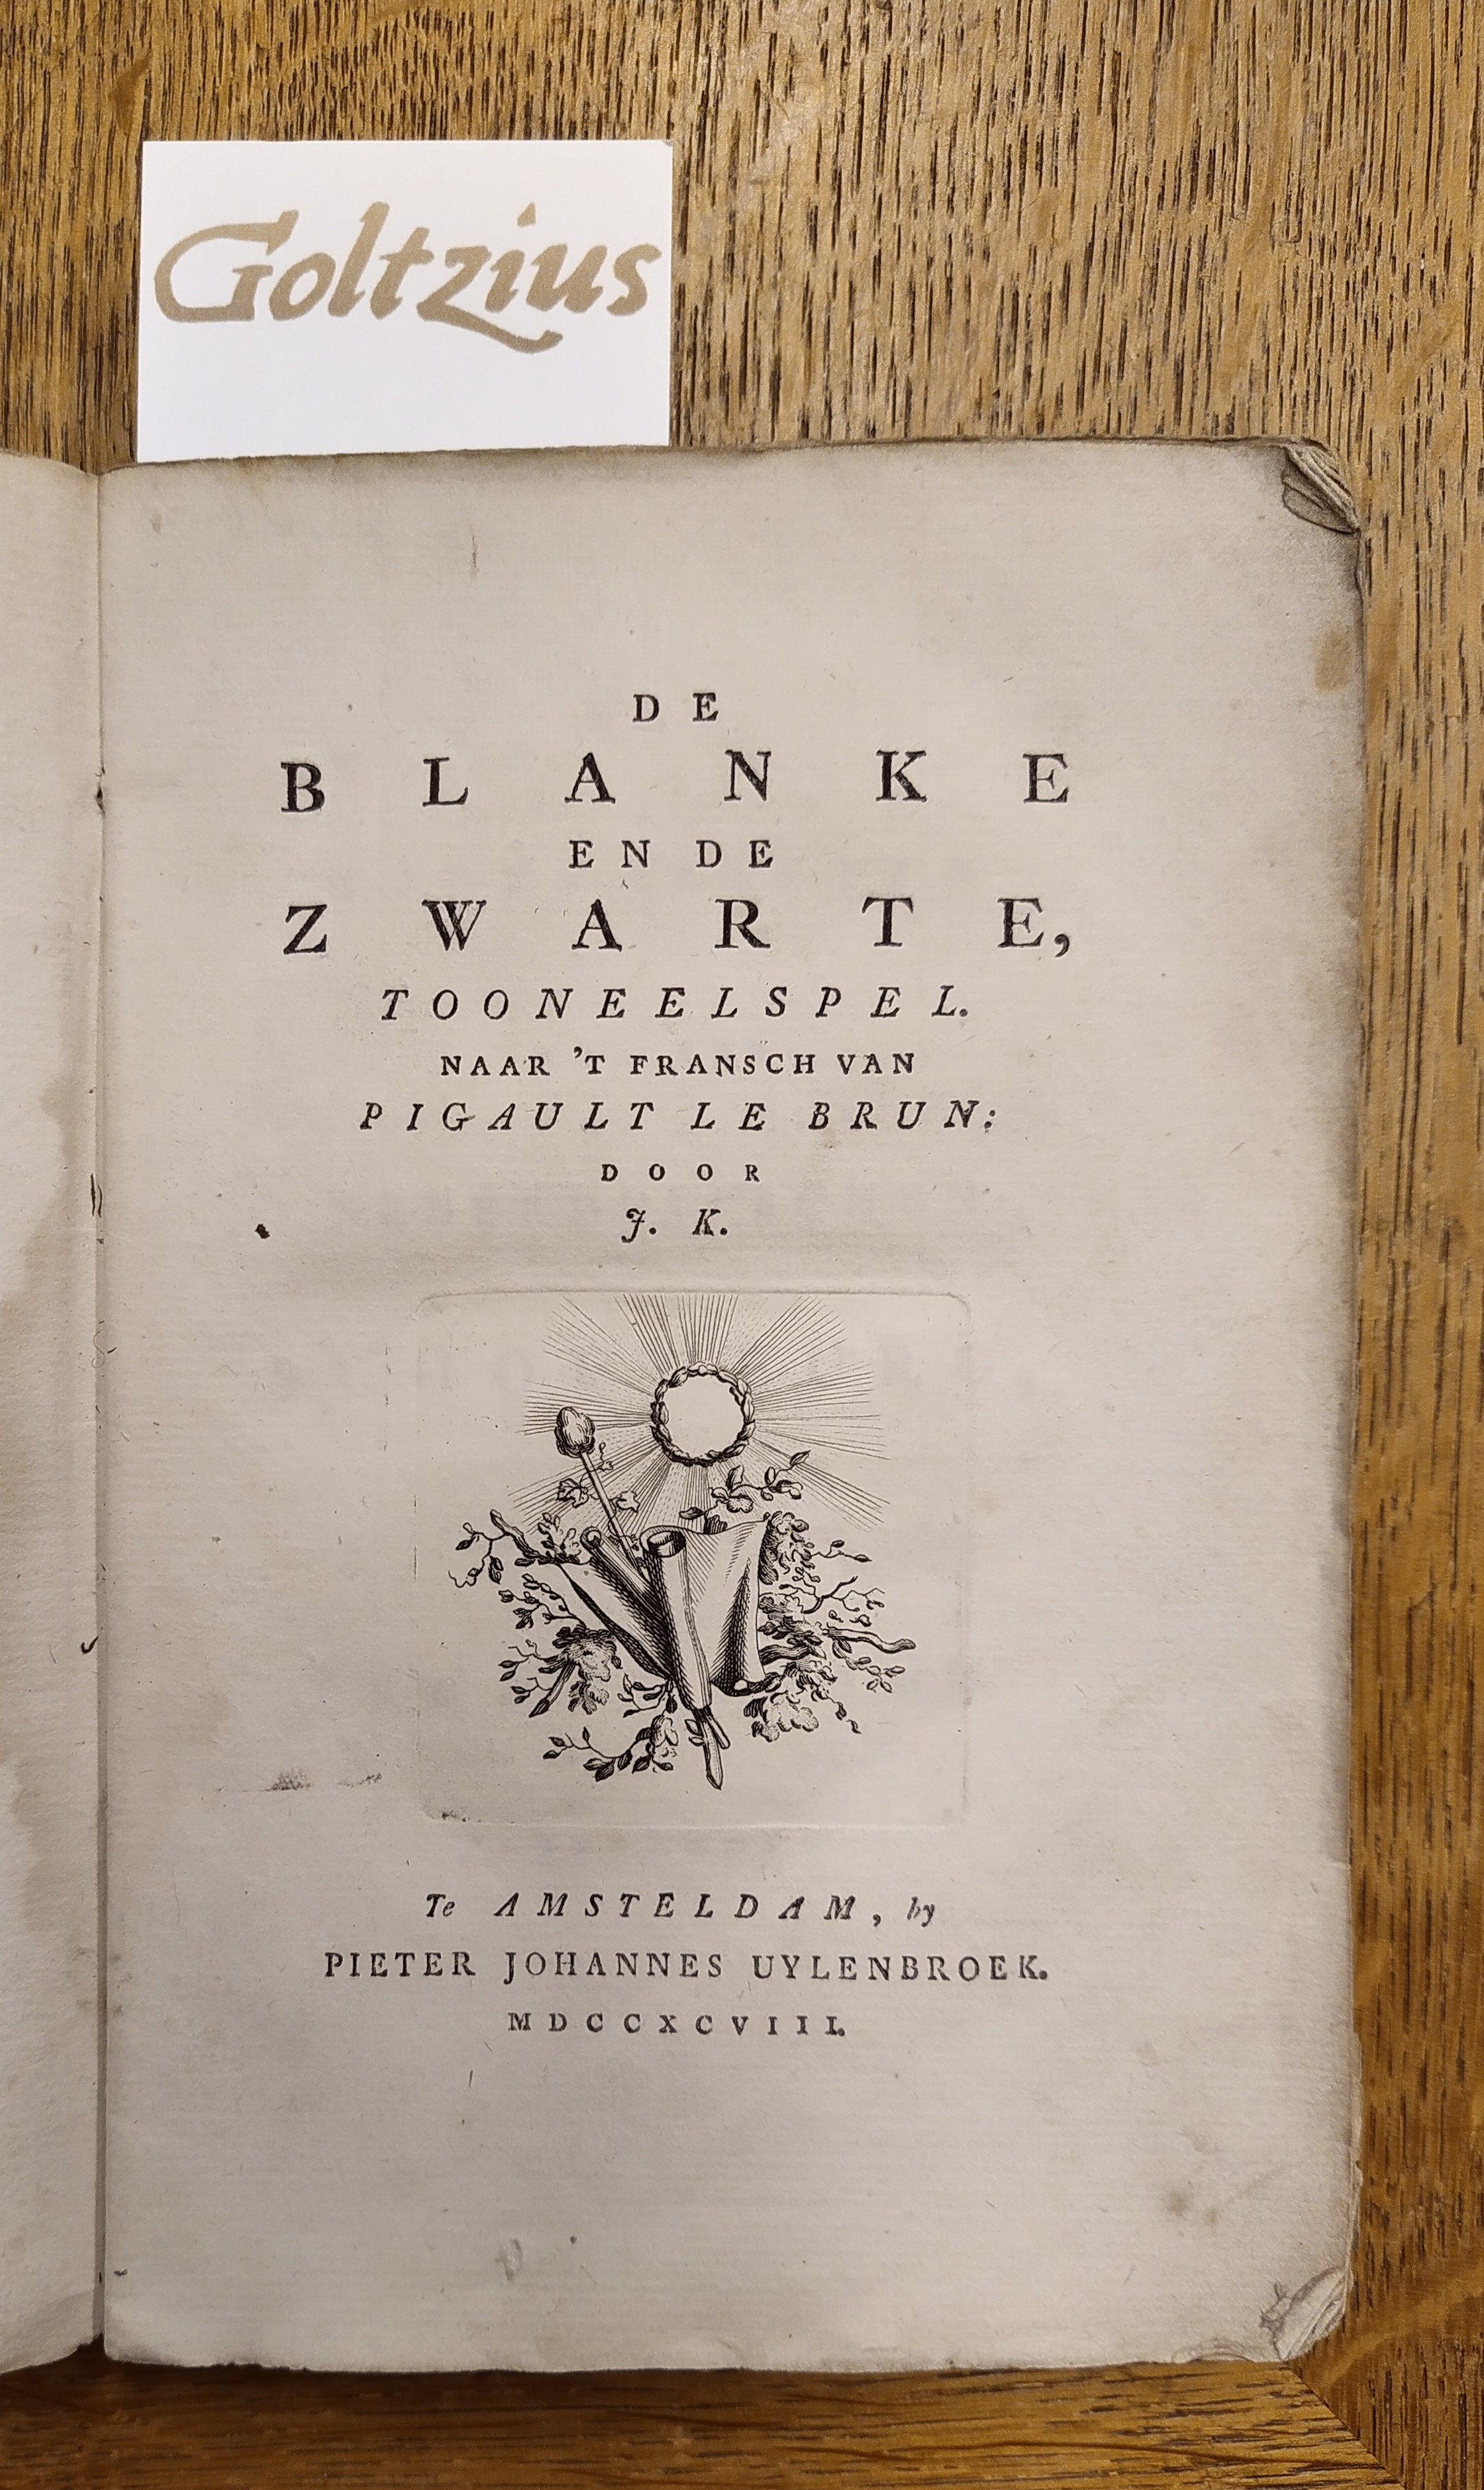 [KISSELIUS, JOHANNES], De blanke en de zwarte, tooneelspel. Naar 't Fransch van Pigault le Brun: door J.K.